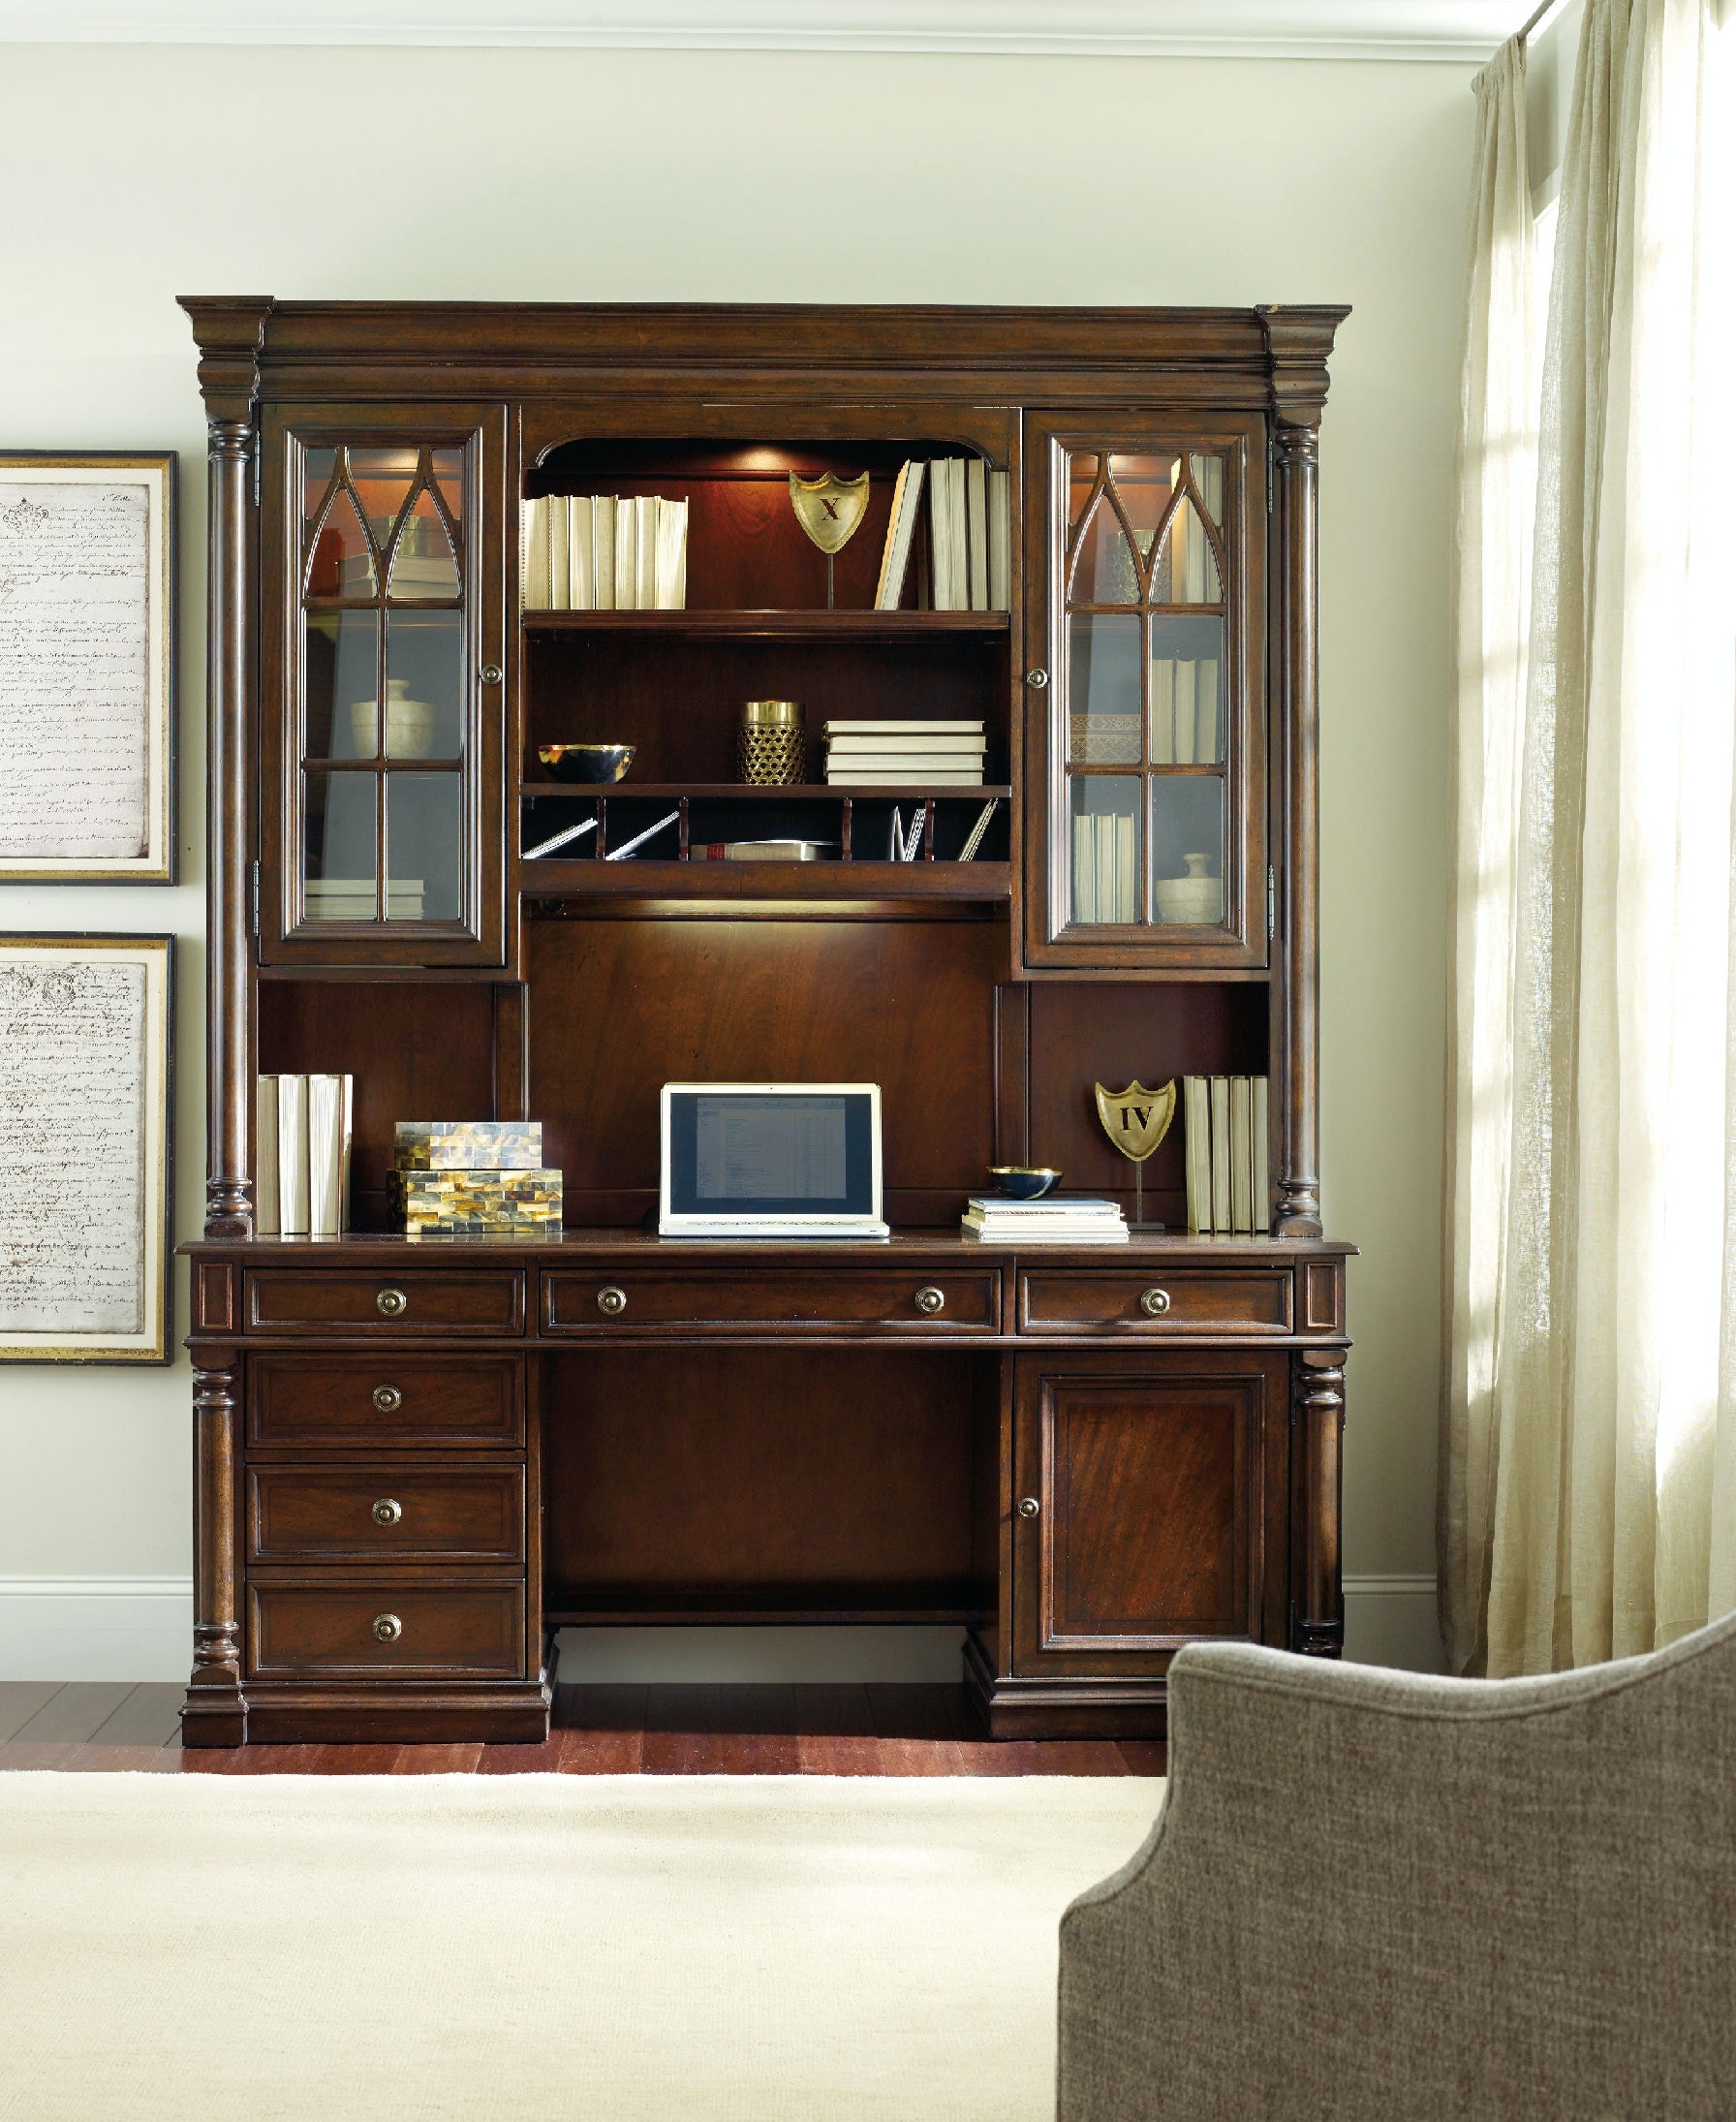 Superieur Hooker Furniture Leesburg Computer Credenza 5381 10464